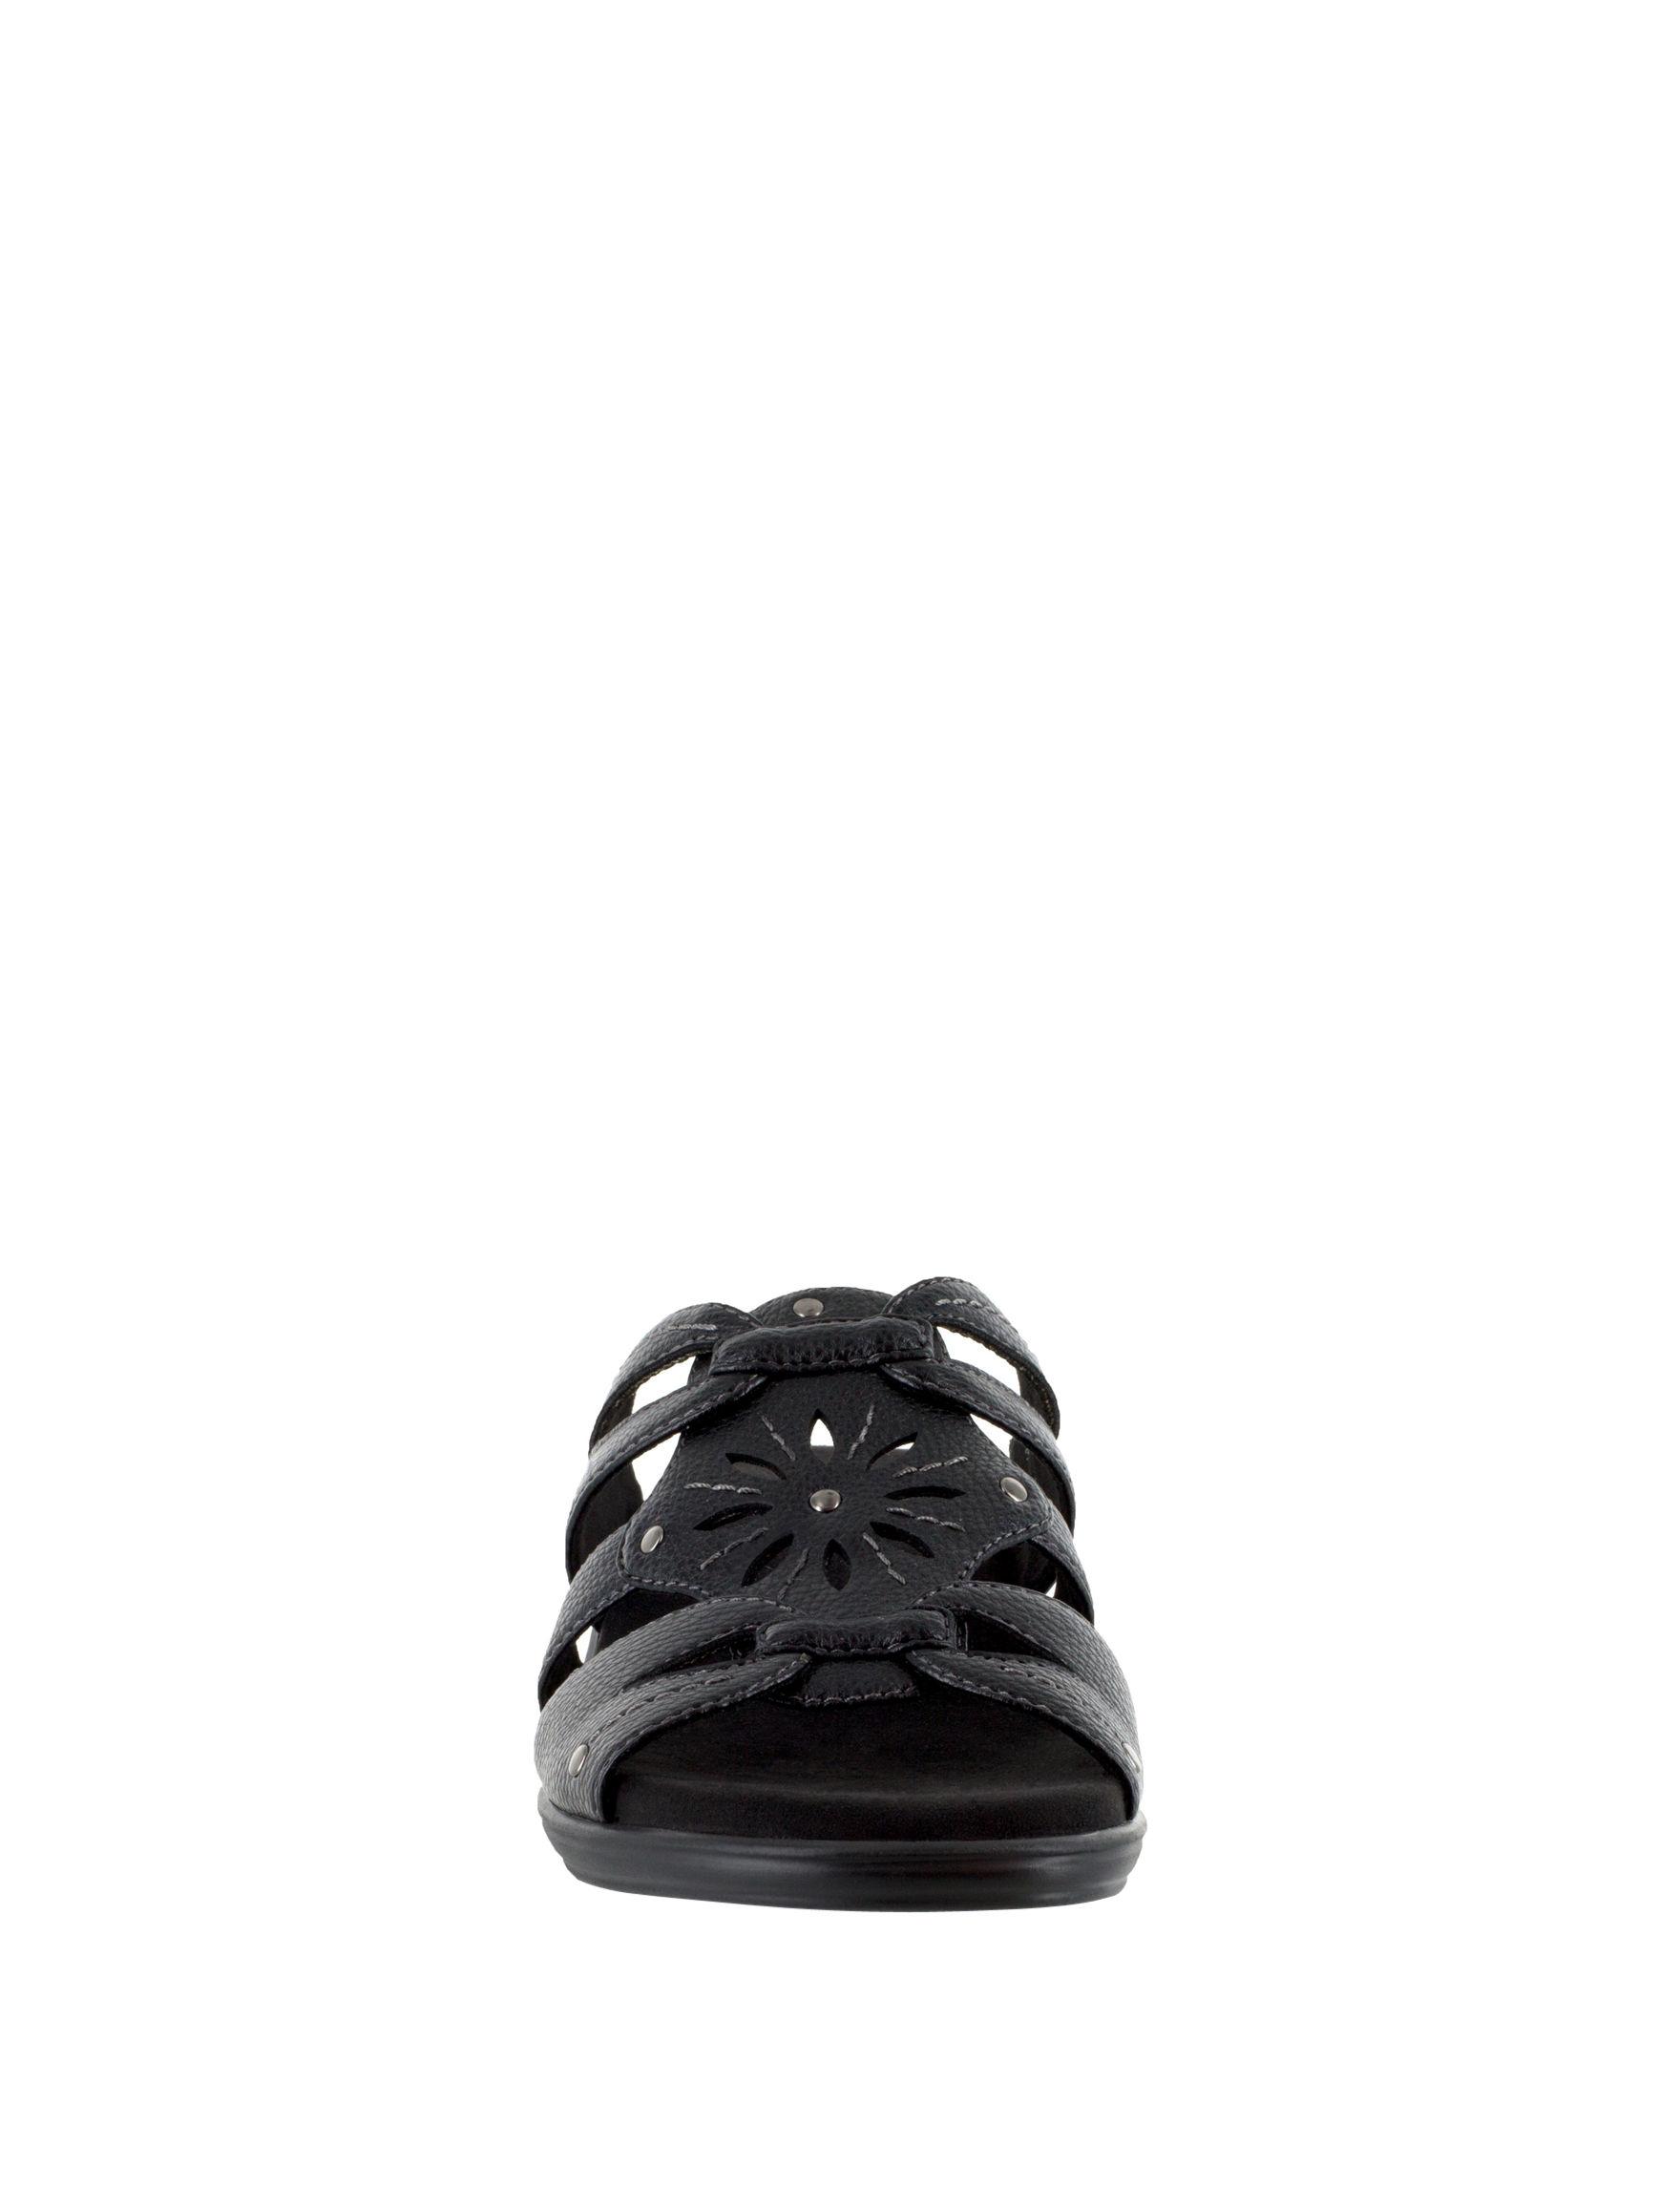 Easy Street Black Wedge Sandals